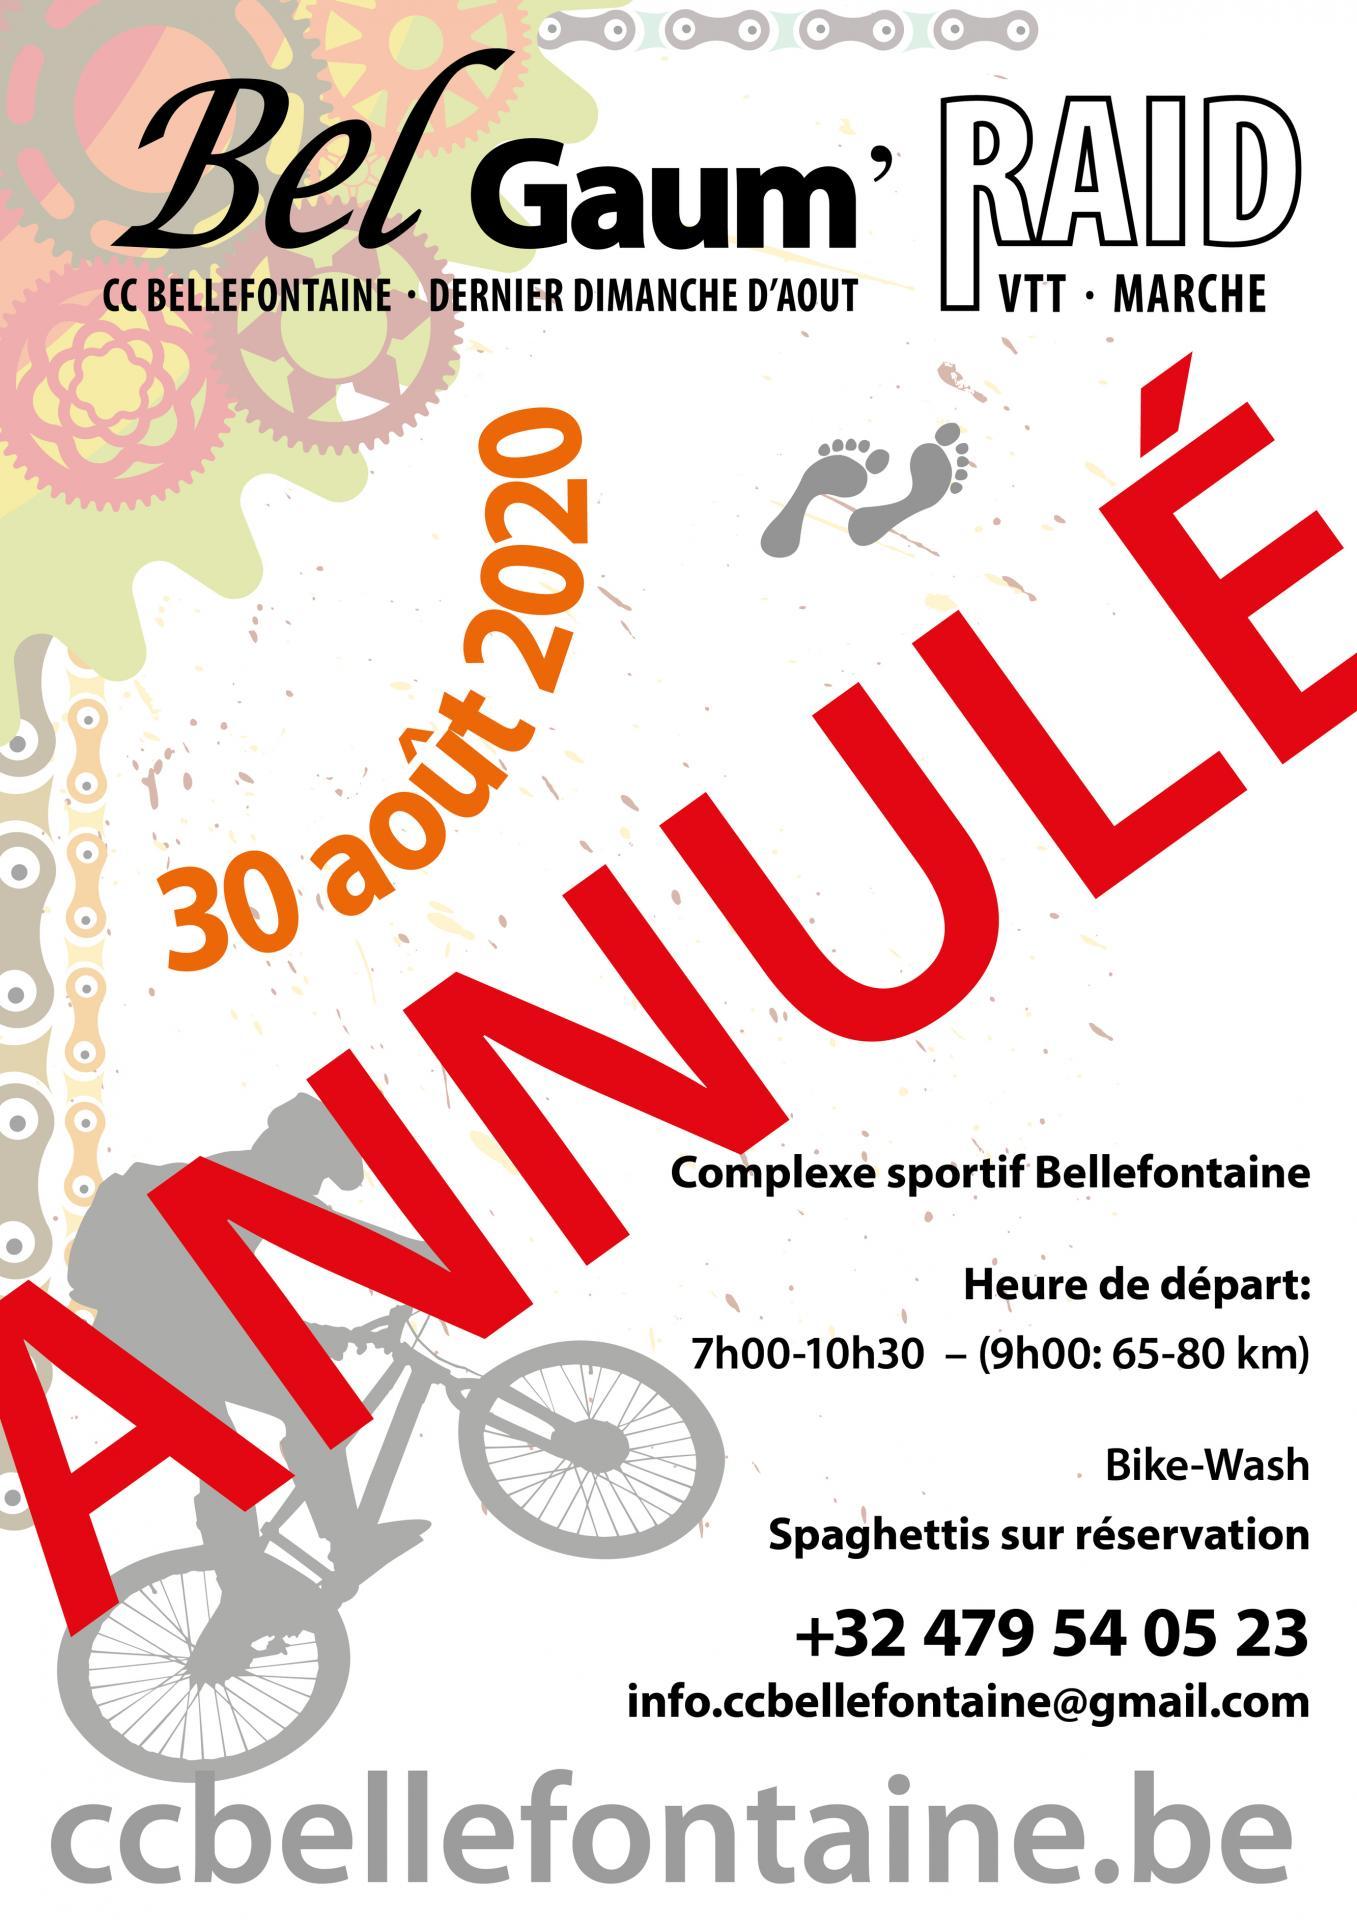 Annule ccb aff belgaumraid